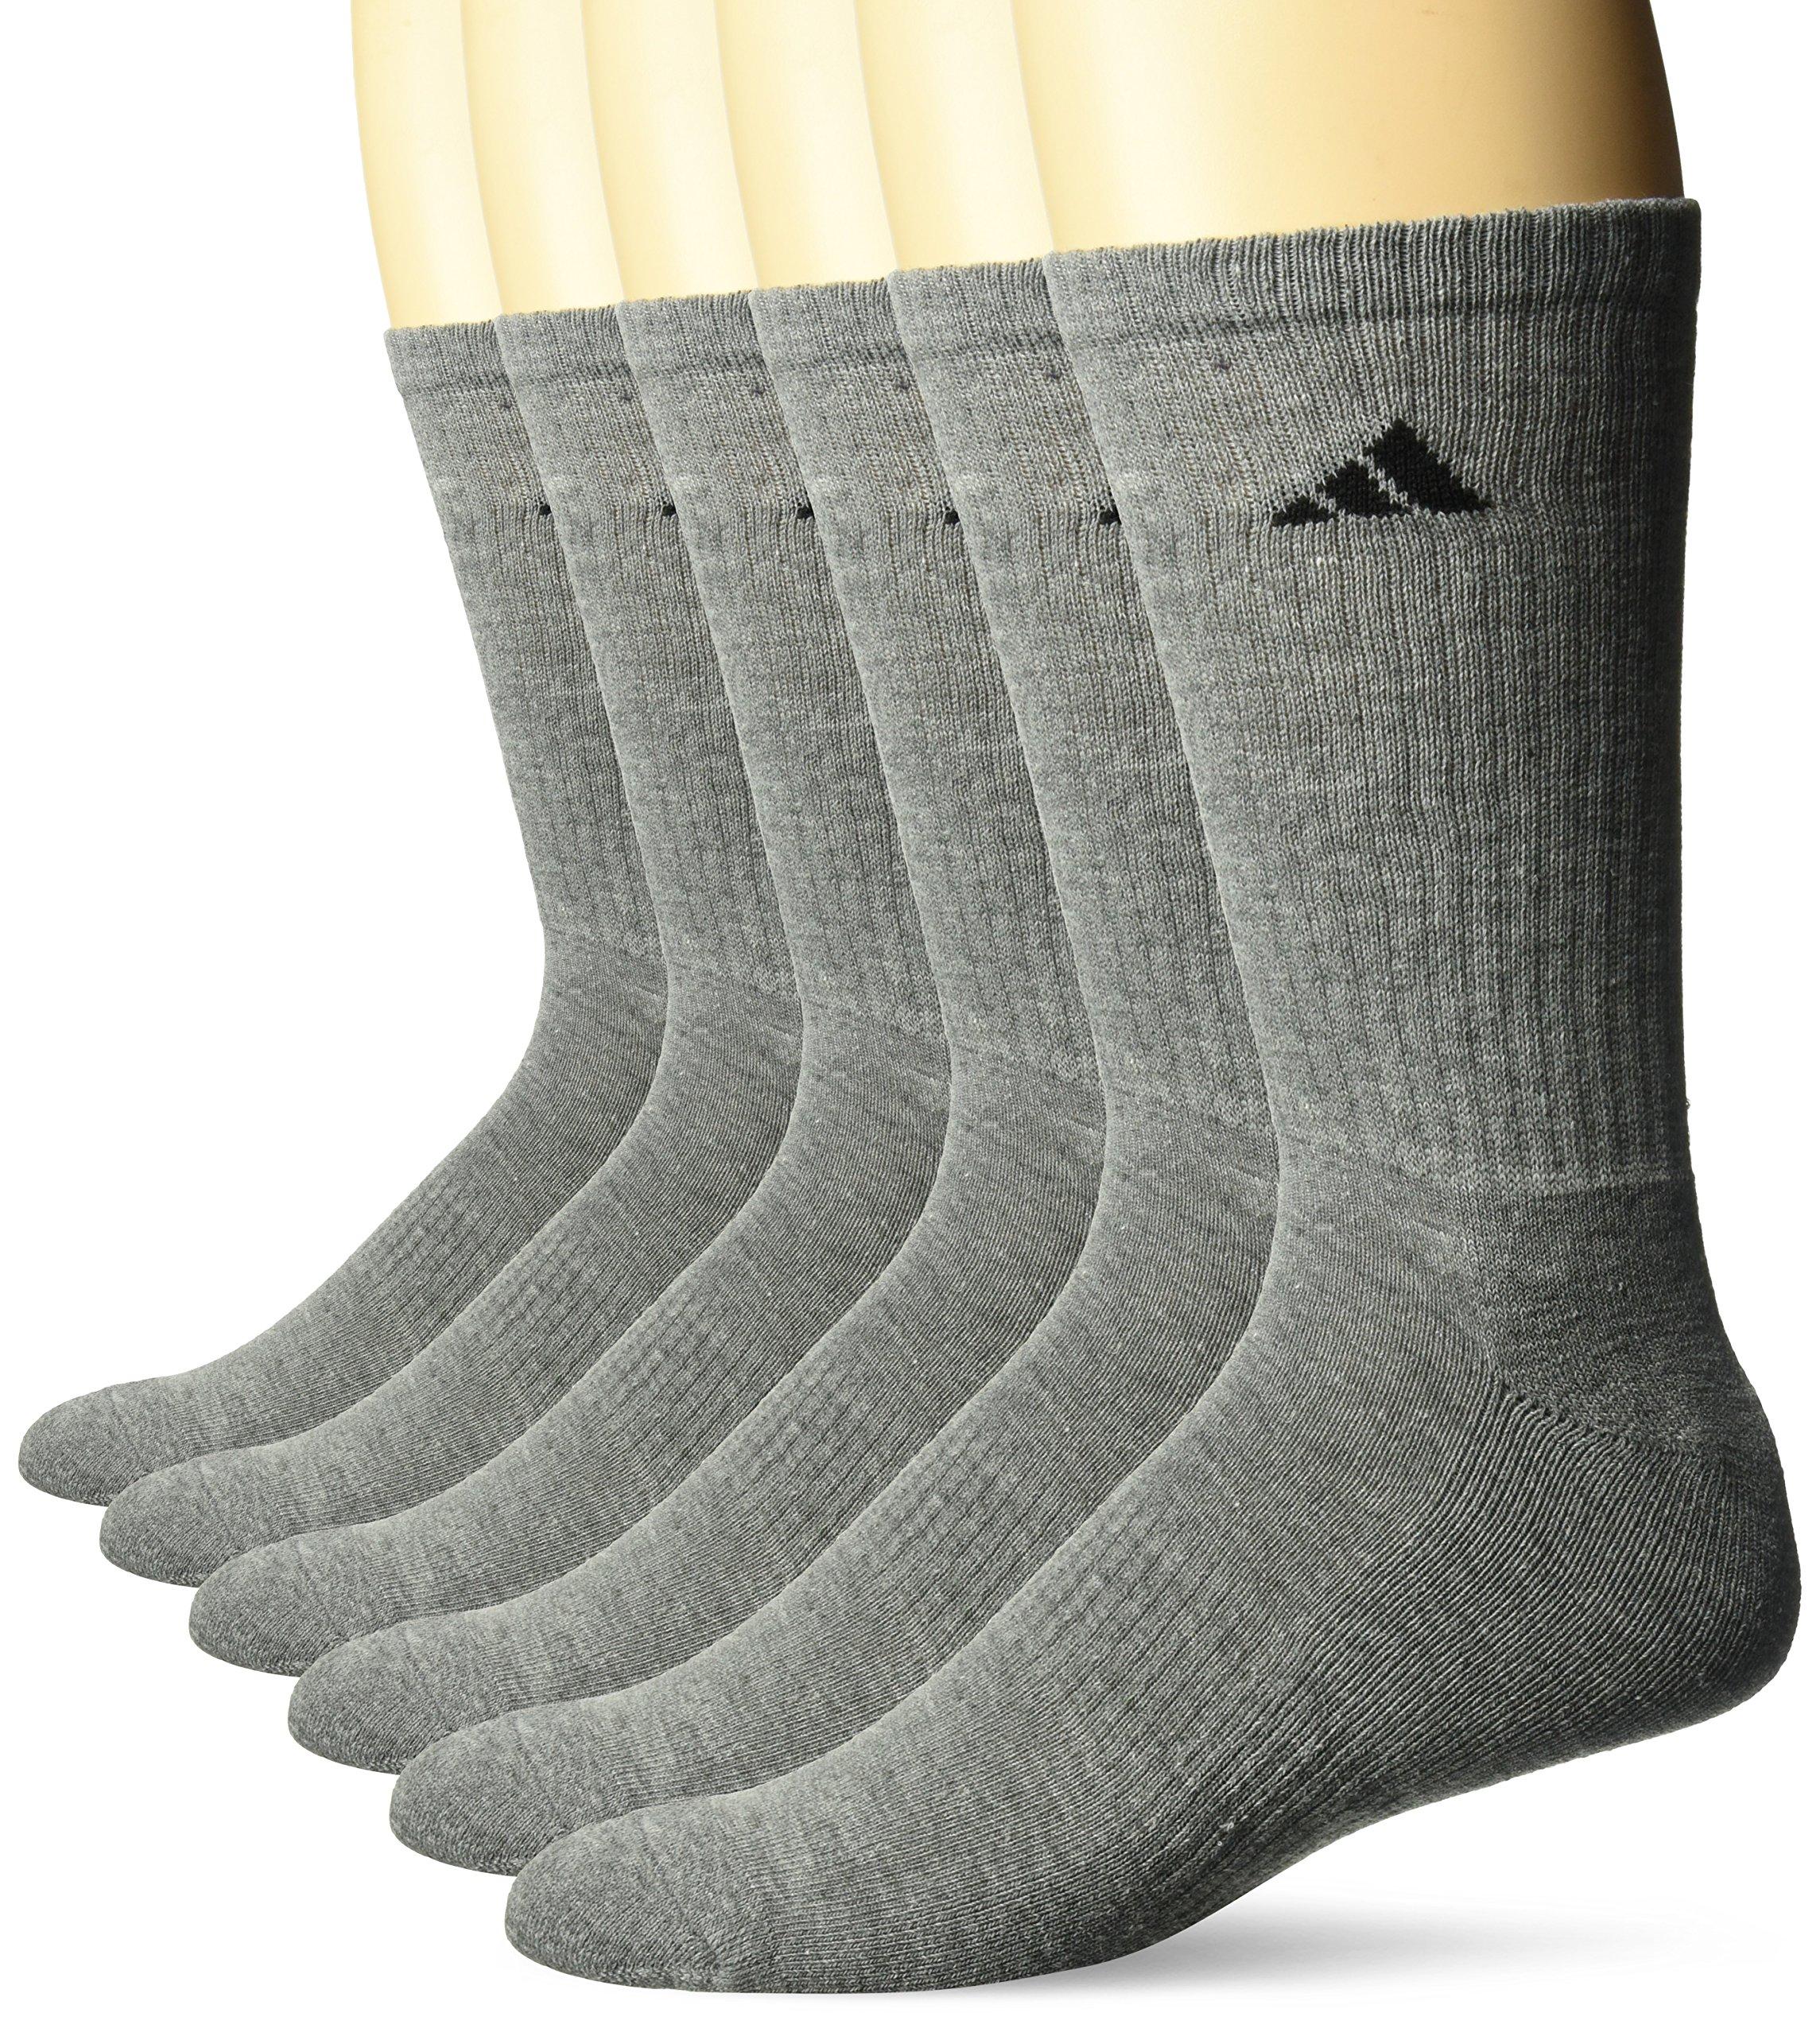 adidas Men's Athletic Cushioned Crew Socks (6-Pack), Medium Grey, X-Large (Shoe Size 12-16)